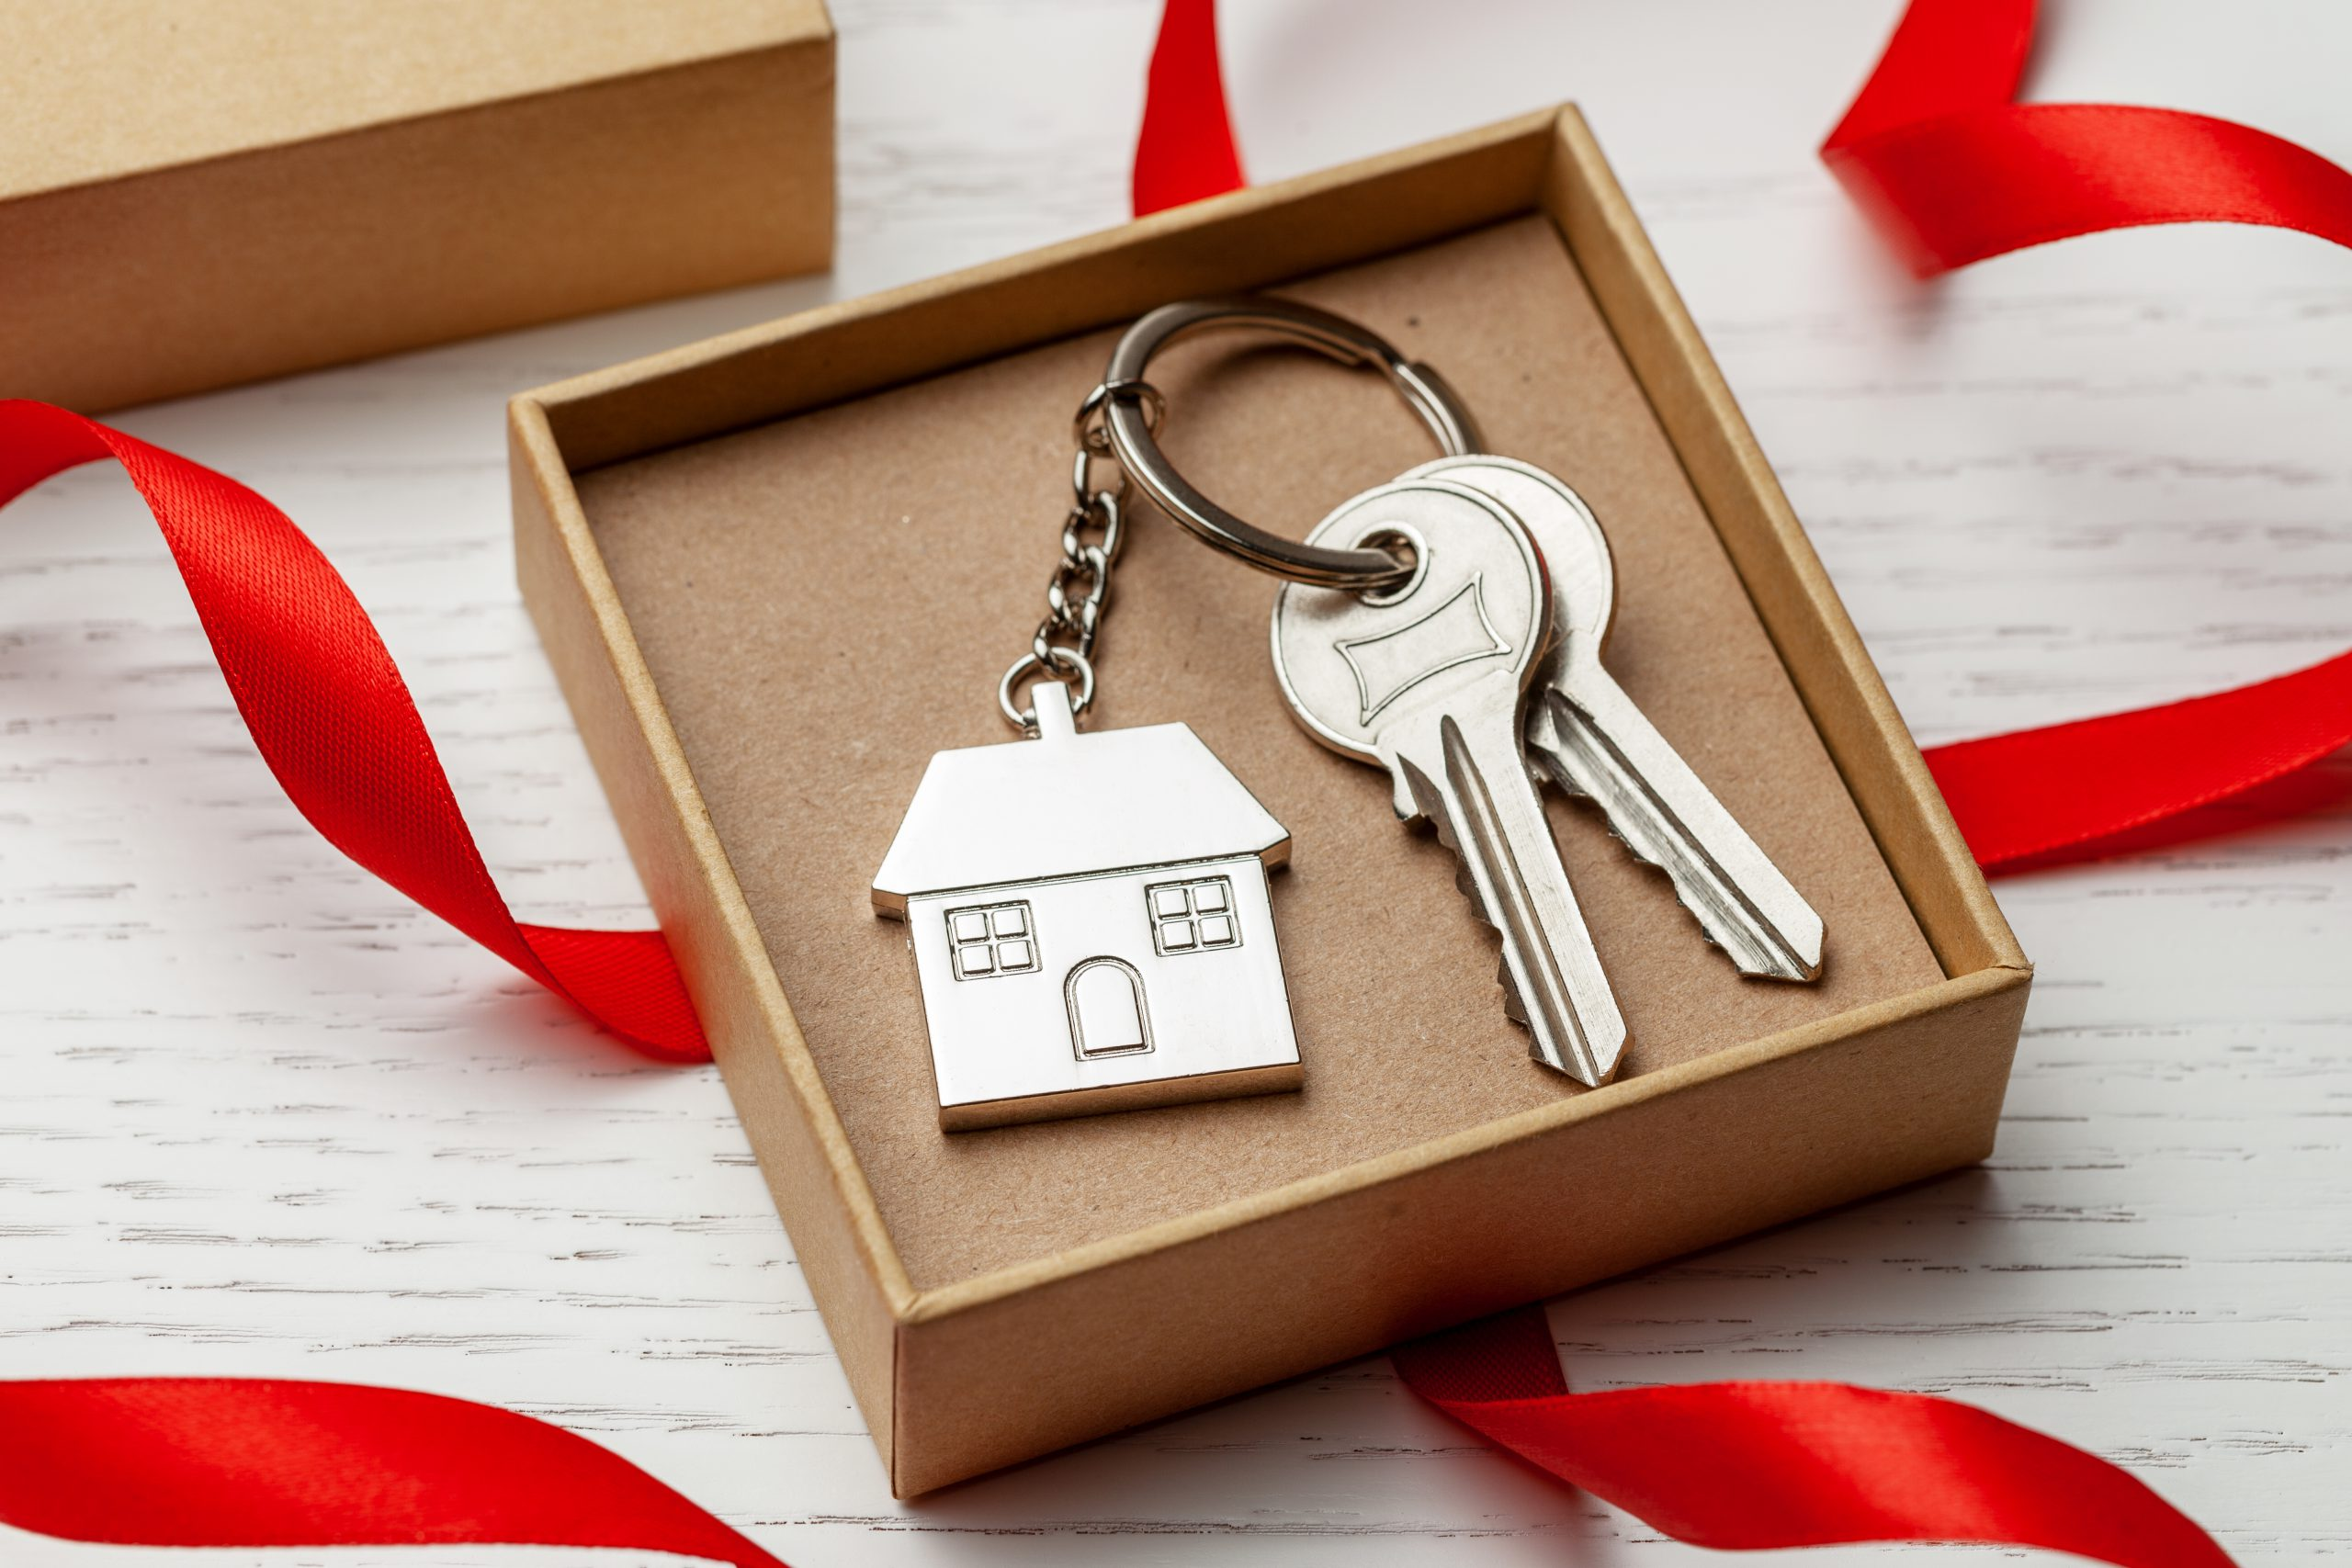 Que tal celebrar o próximo natal realizando o sonho da casa própria?